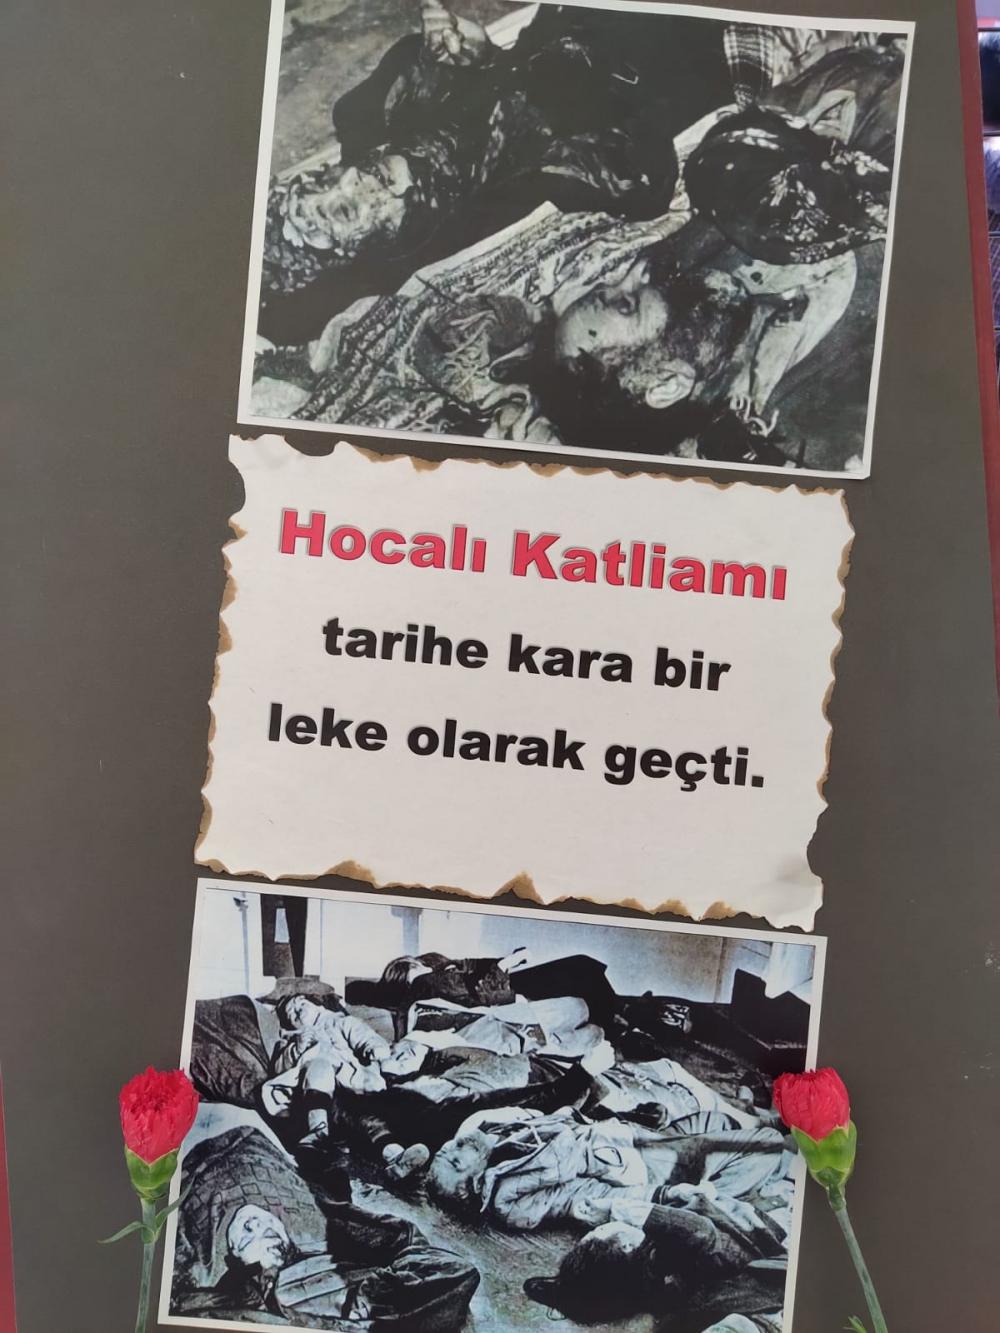 HOCALI Soykırımı, Dünya Kör, Dünya Sağır ve Katiller Kadar Suçlu 6